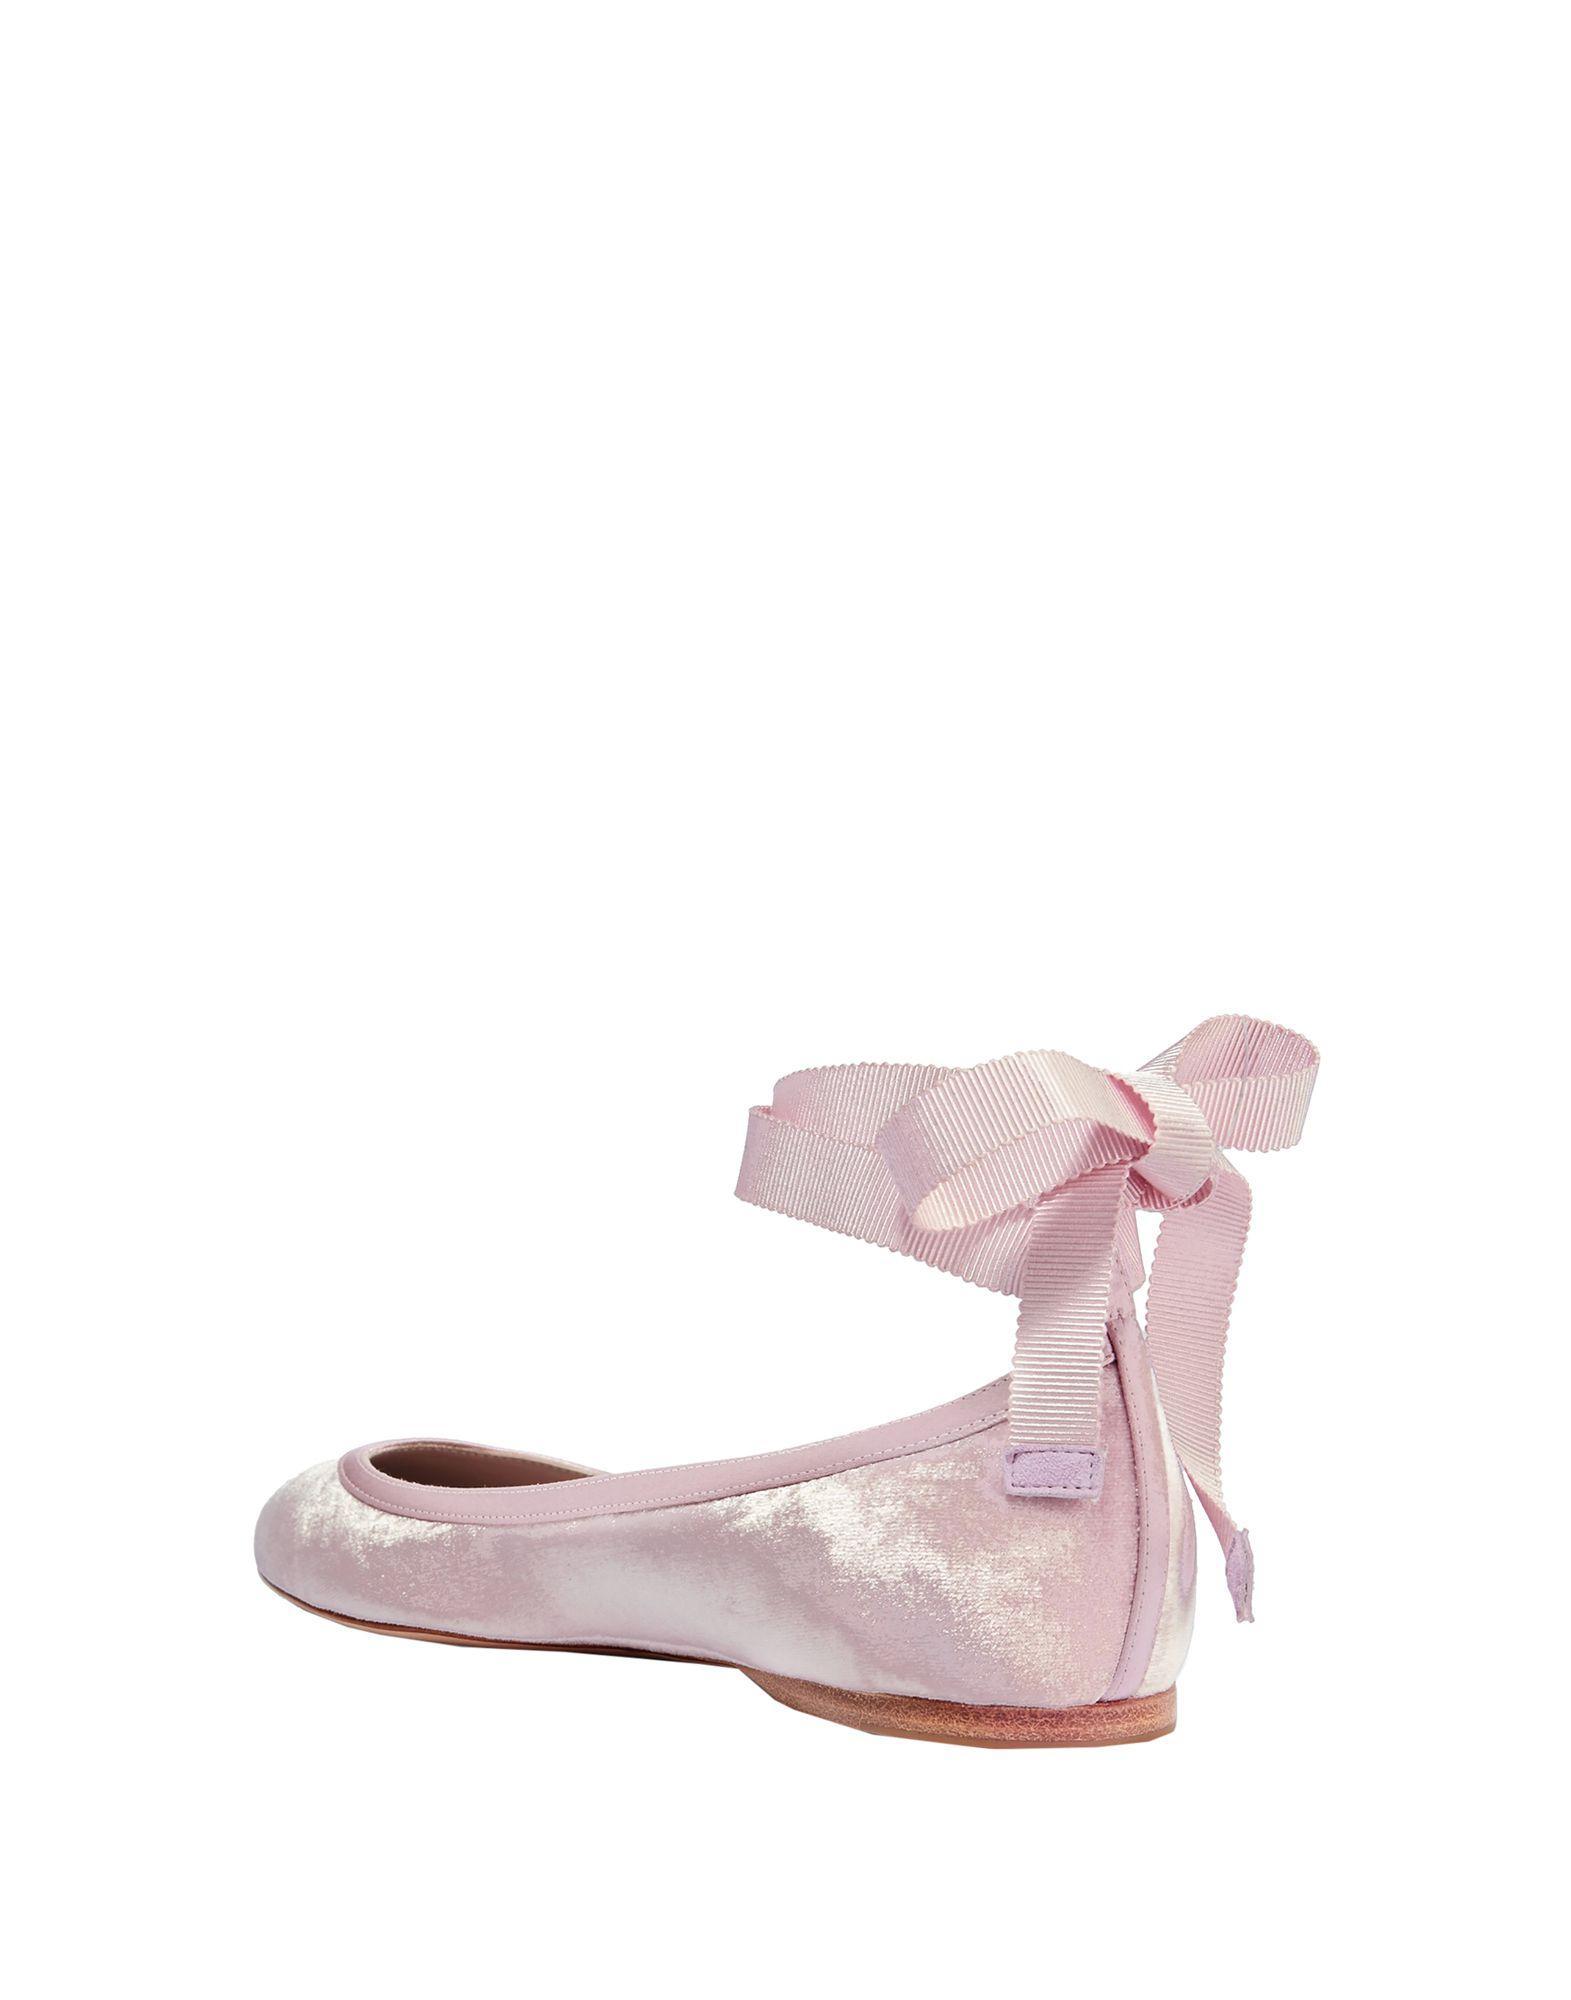 Bailarinas Aerin de Raso de color Rosa